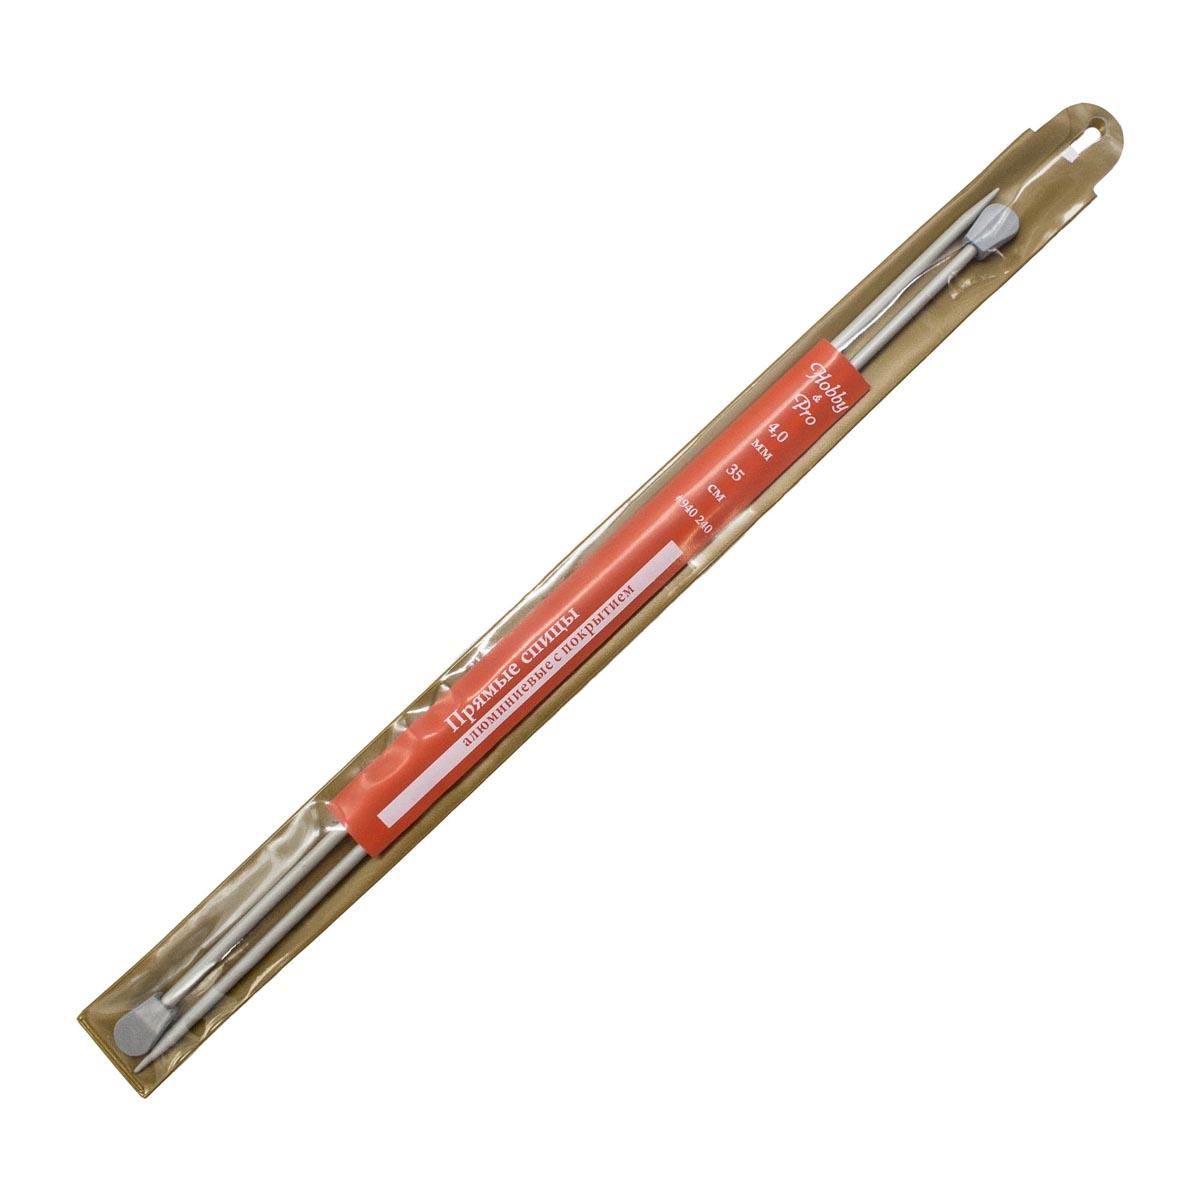 940240 Спицы прямые алюминиевые с покрытием 35см, 4,0мм Hobby&Pro